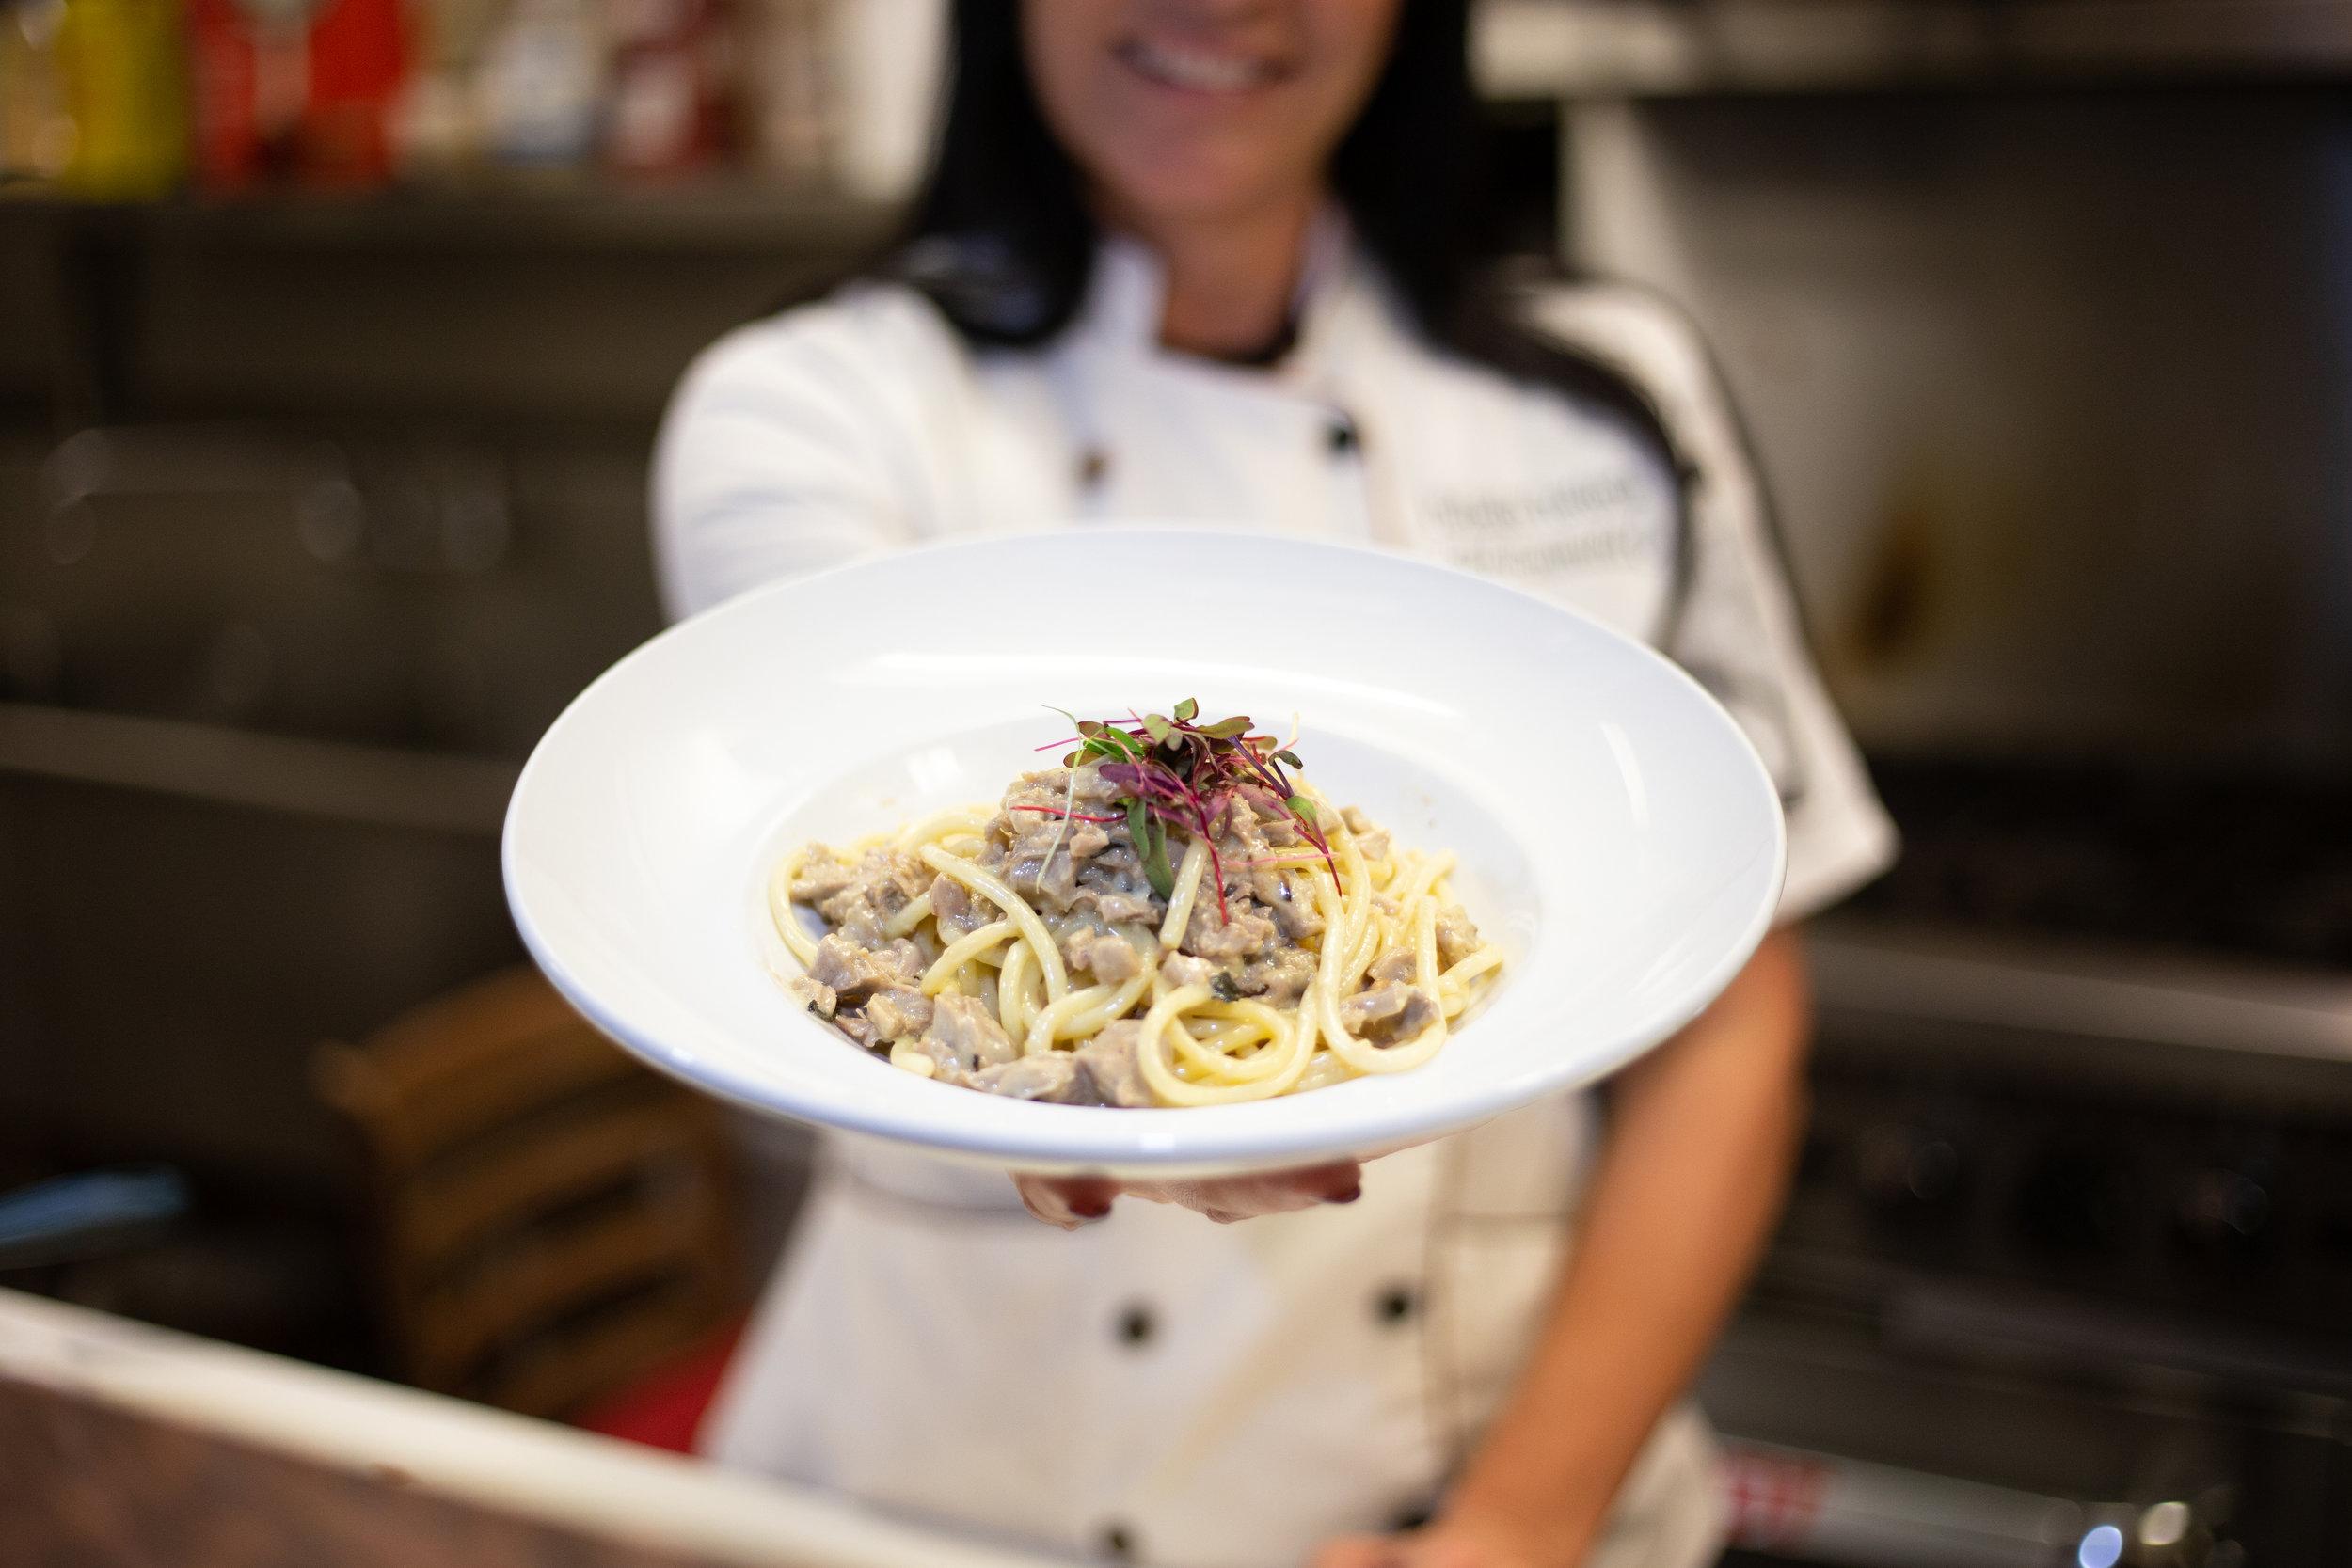 Chef_Emma_Emanuela_Calcara_eBella_Palladio_Nicole_nixon-50-of-50.jpg